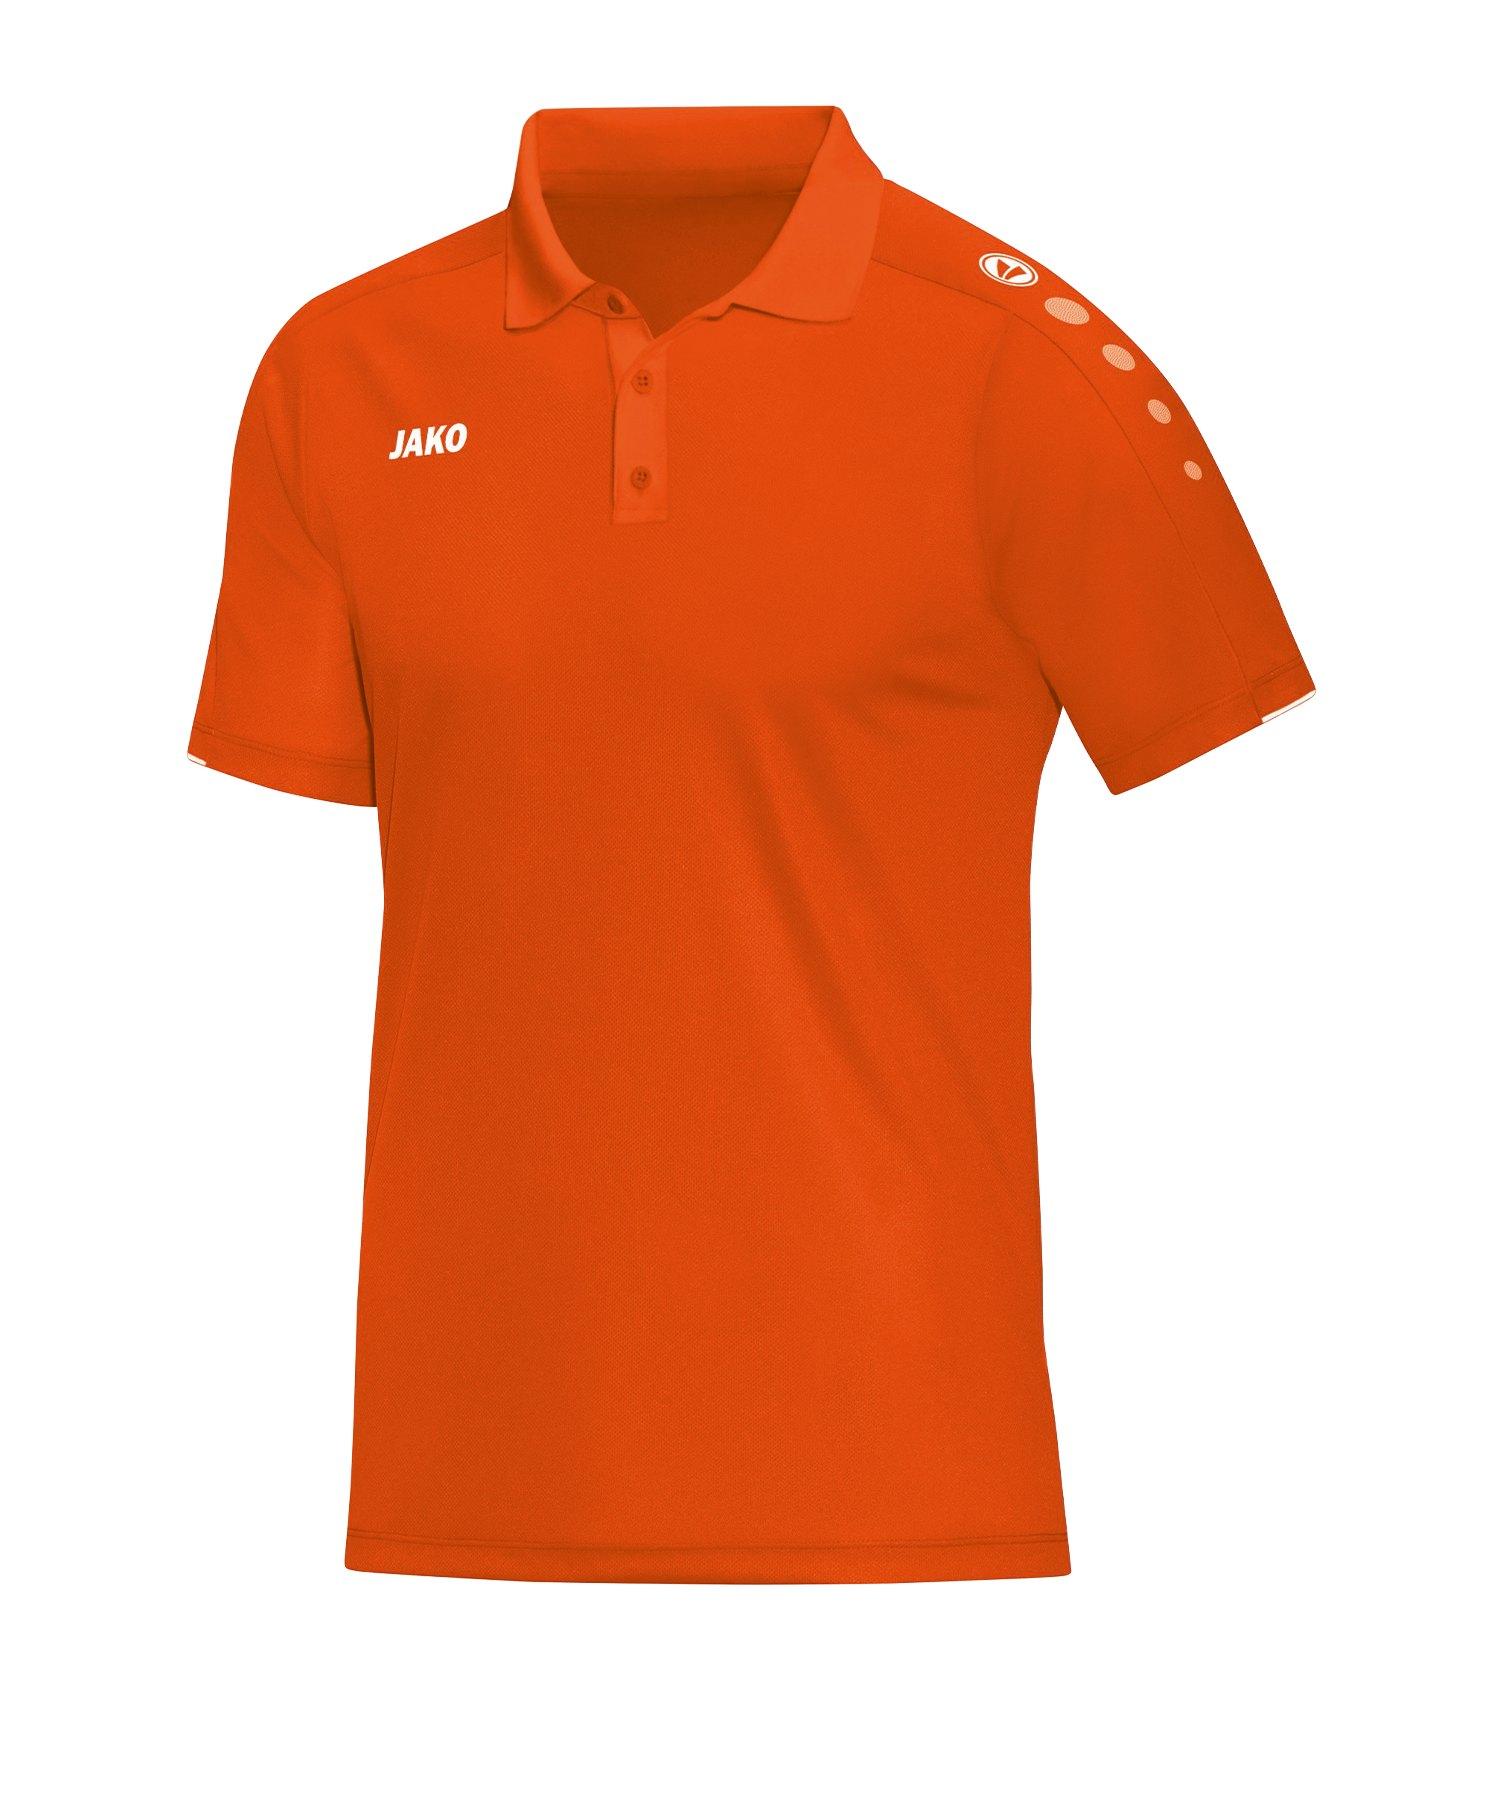 Jako Classico Poloshirt Kids Orange F19 - Orange